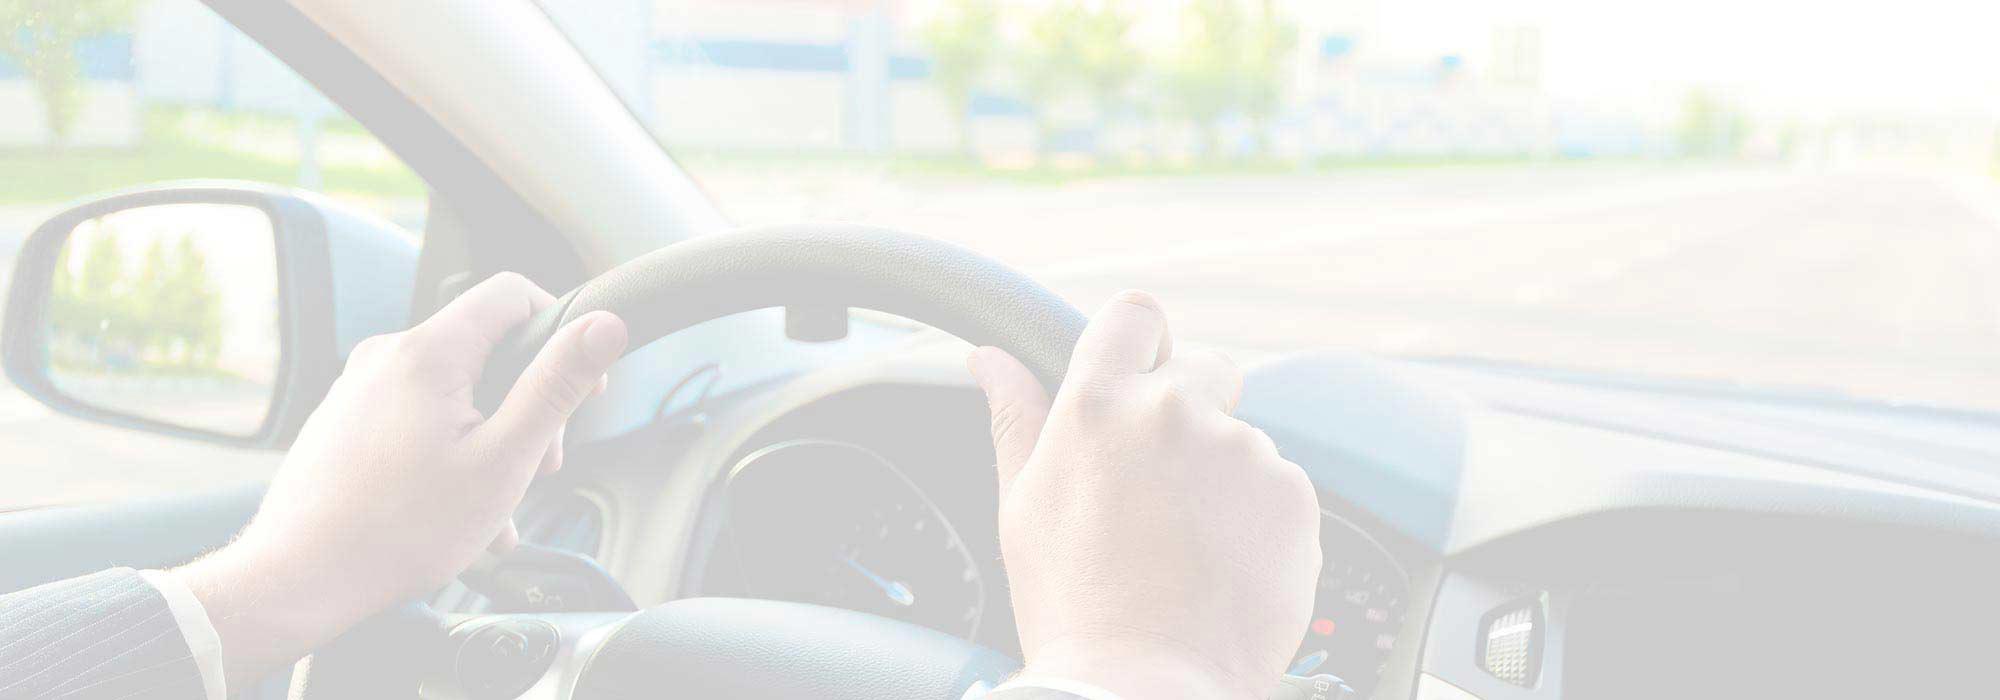 Autoversicherung Vergleich österreich Durchblickerat